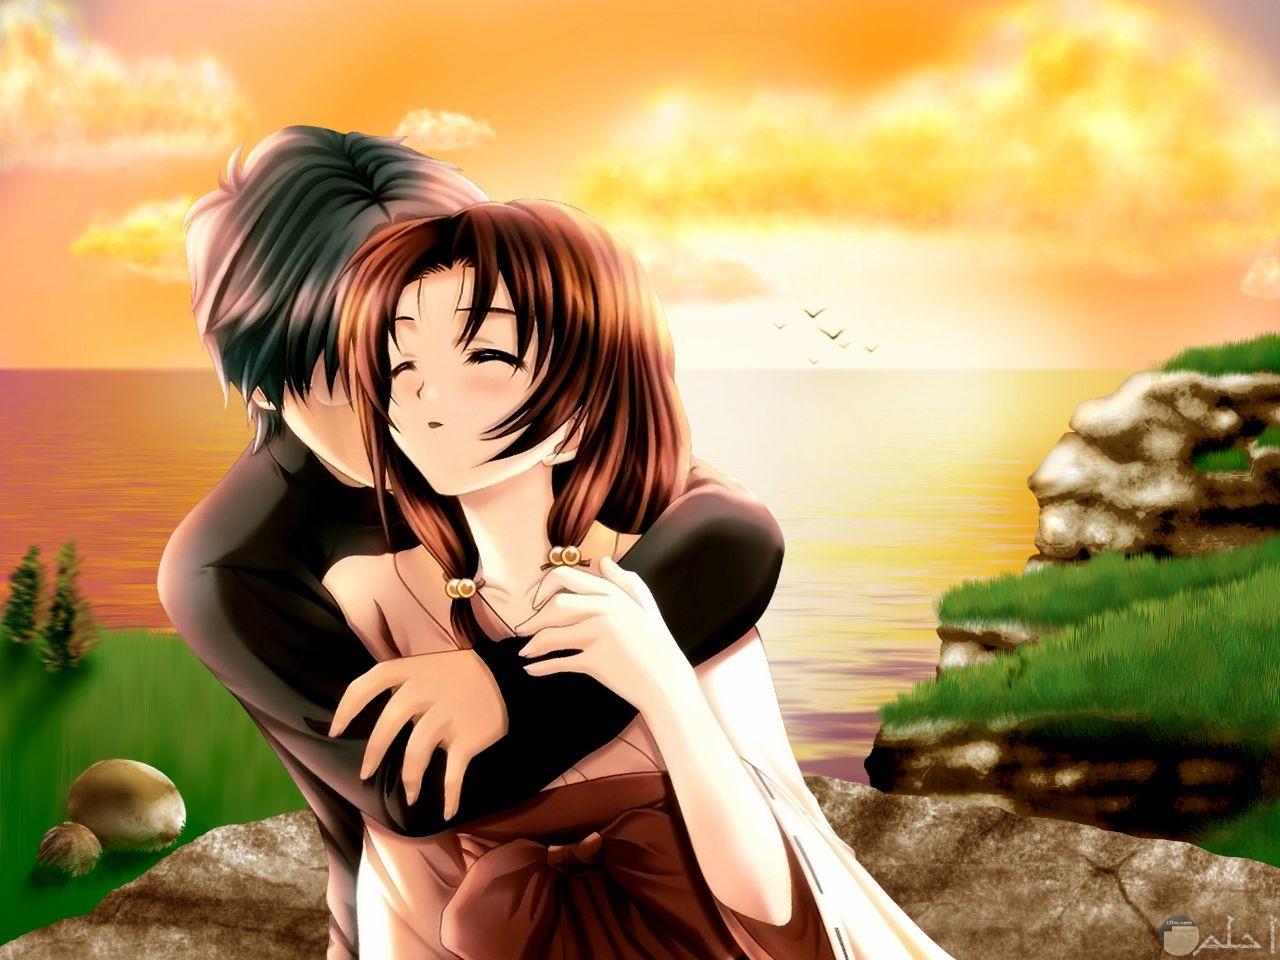 صورة كرتون أنمي رومانسية لولد و بنت مع منظر الغروب.